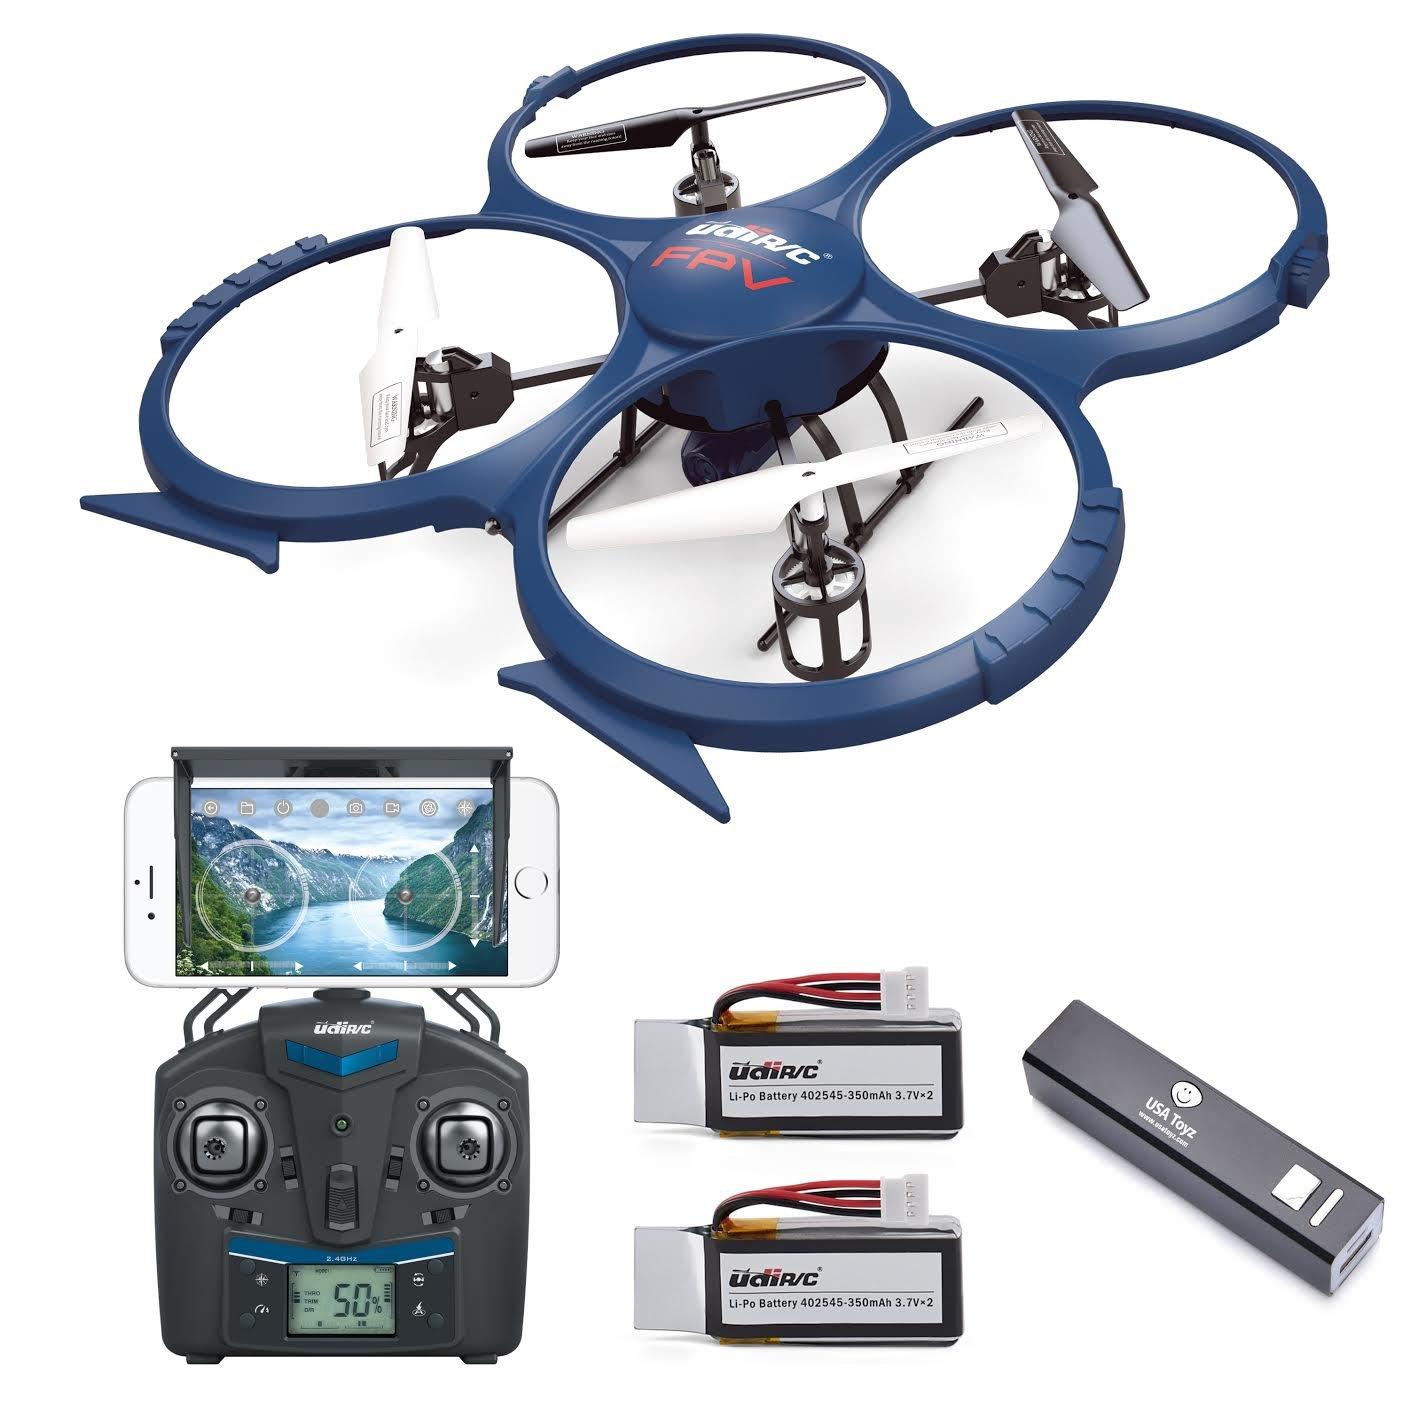 Auszug Aus Büchern Oder Stoffen udi u818a wlan fpv rc quadrocopter drohne mit hd kamera vr brillen